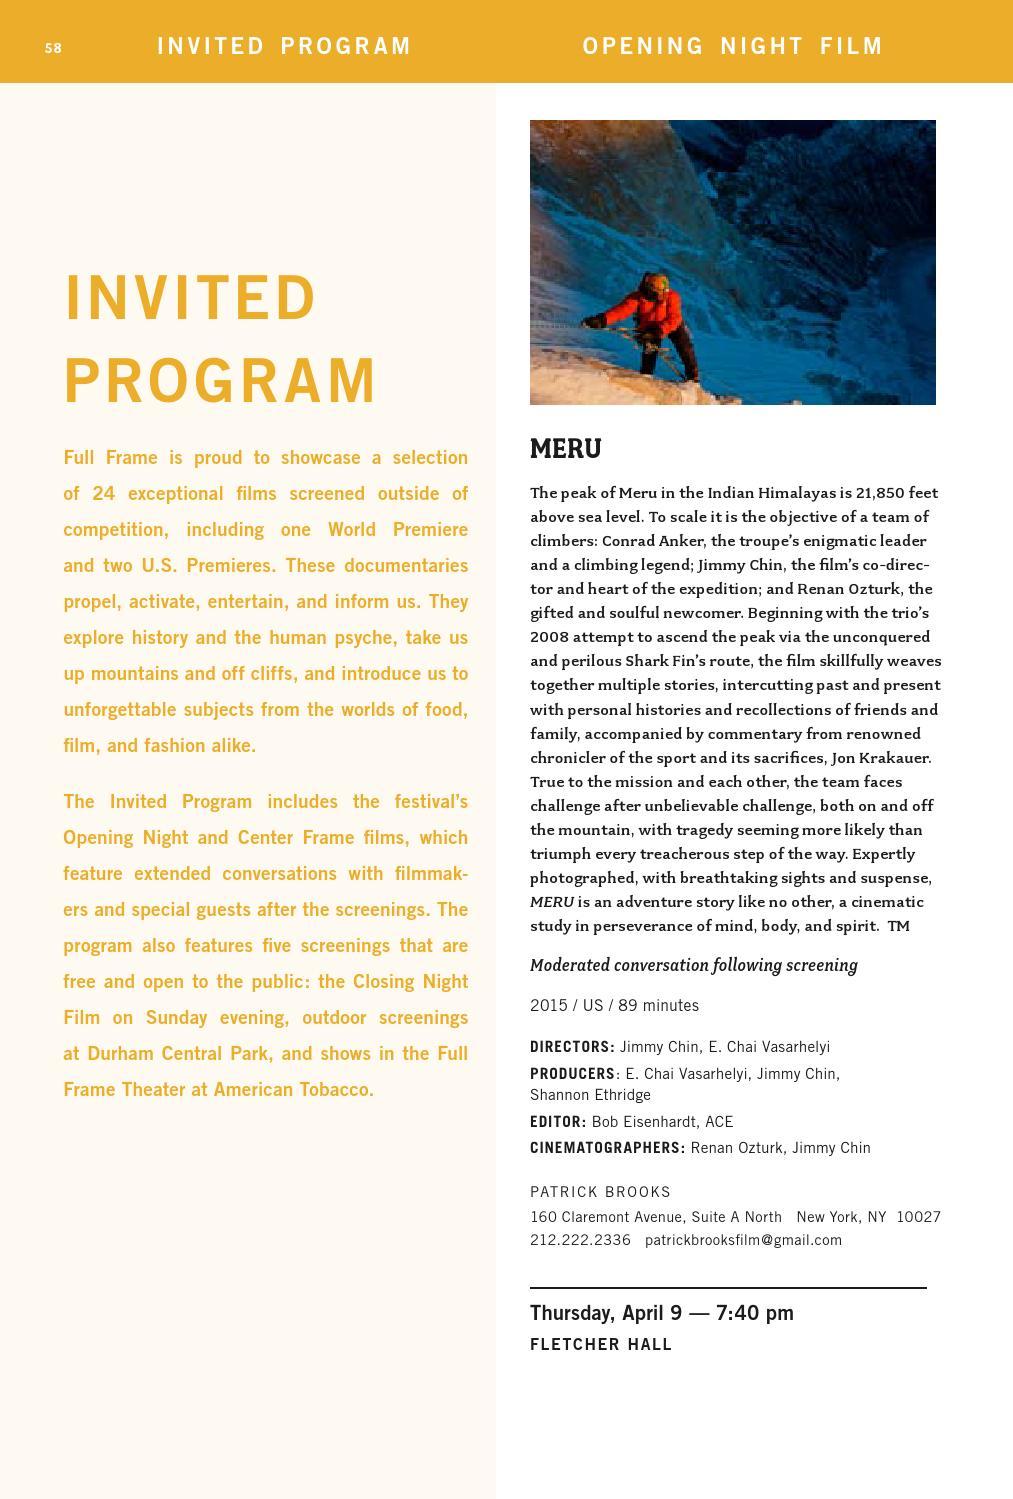 2015 Full Frame Documentary Film Festival - Official Program